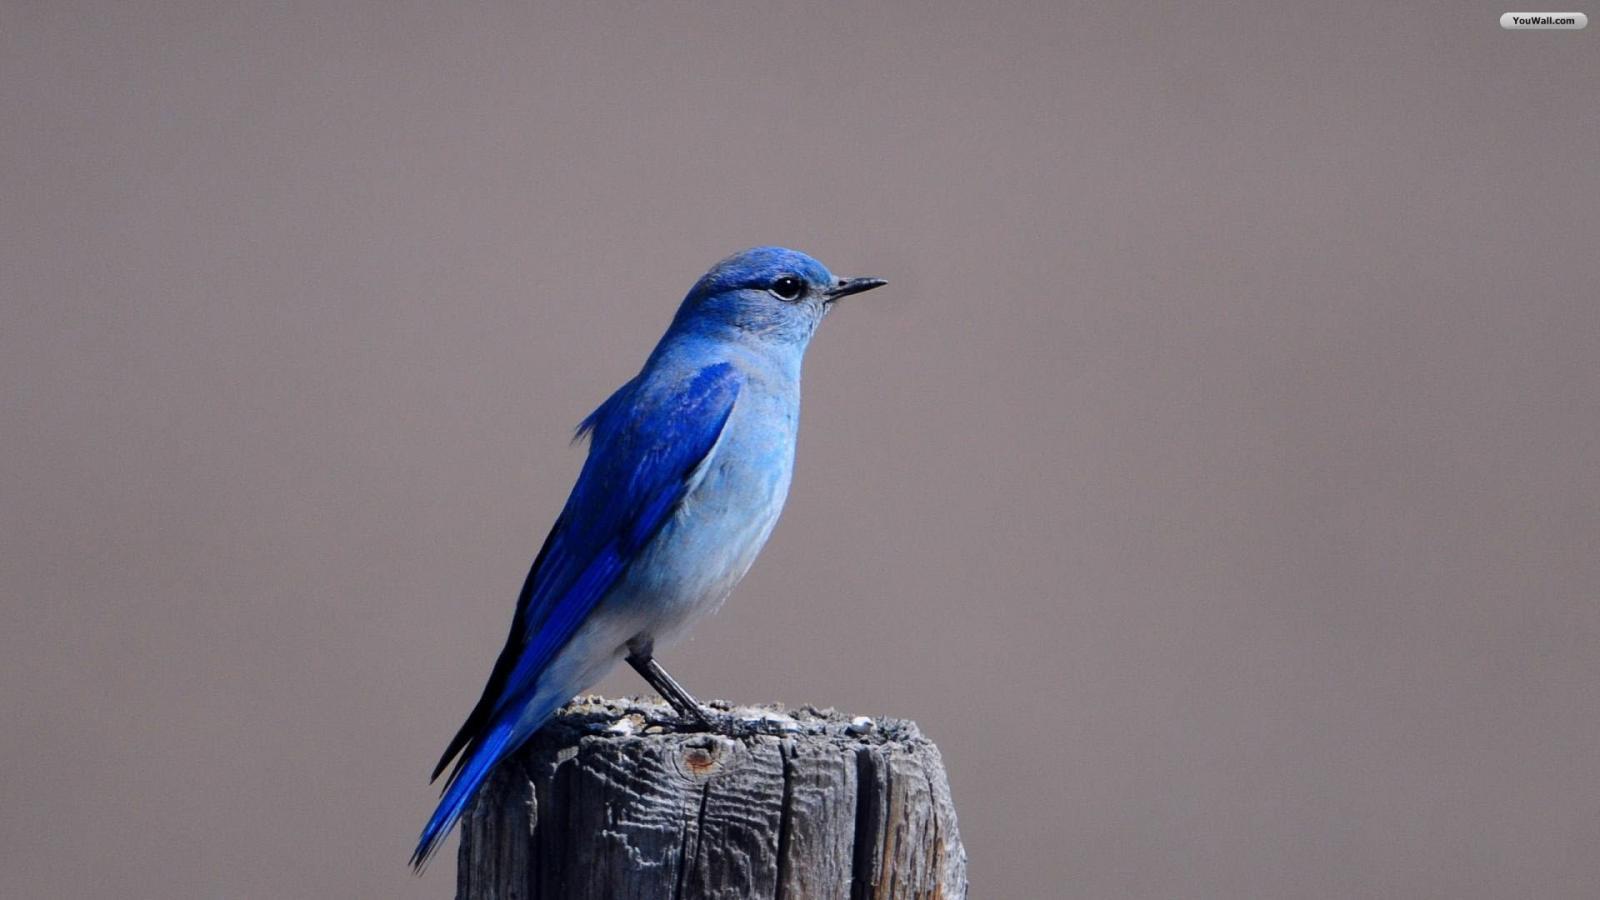 YouWall   Blue Bird Wallpaper   wallpaperwallpapersfree wallpaper 1600x900